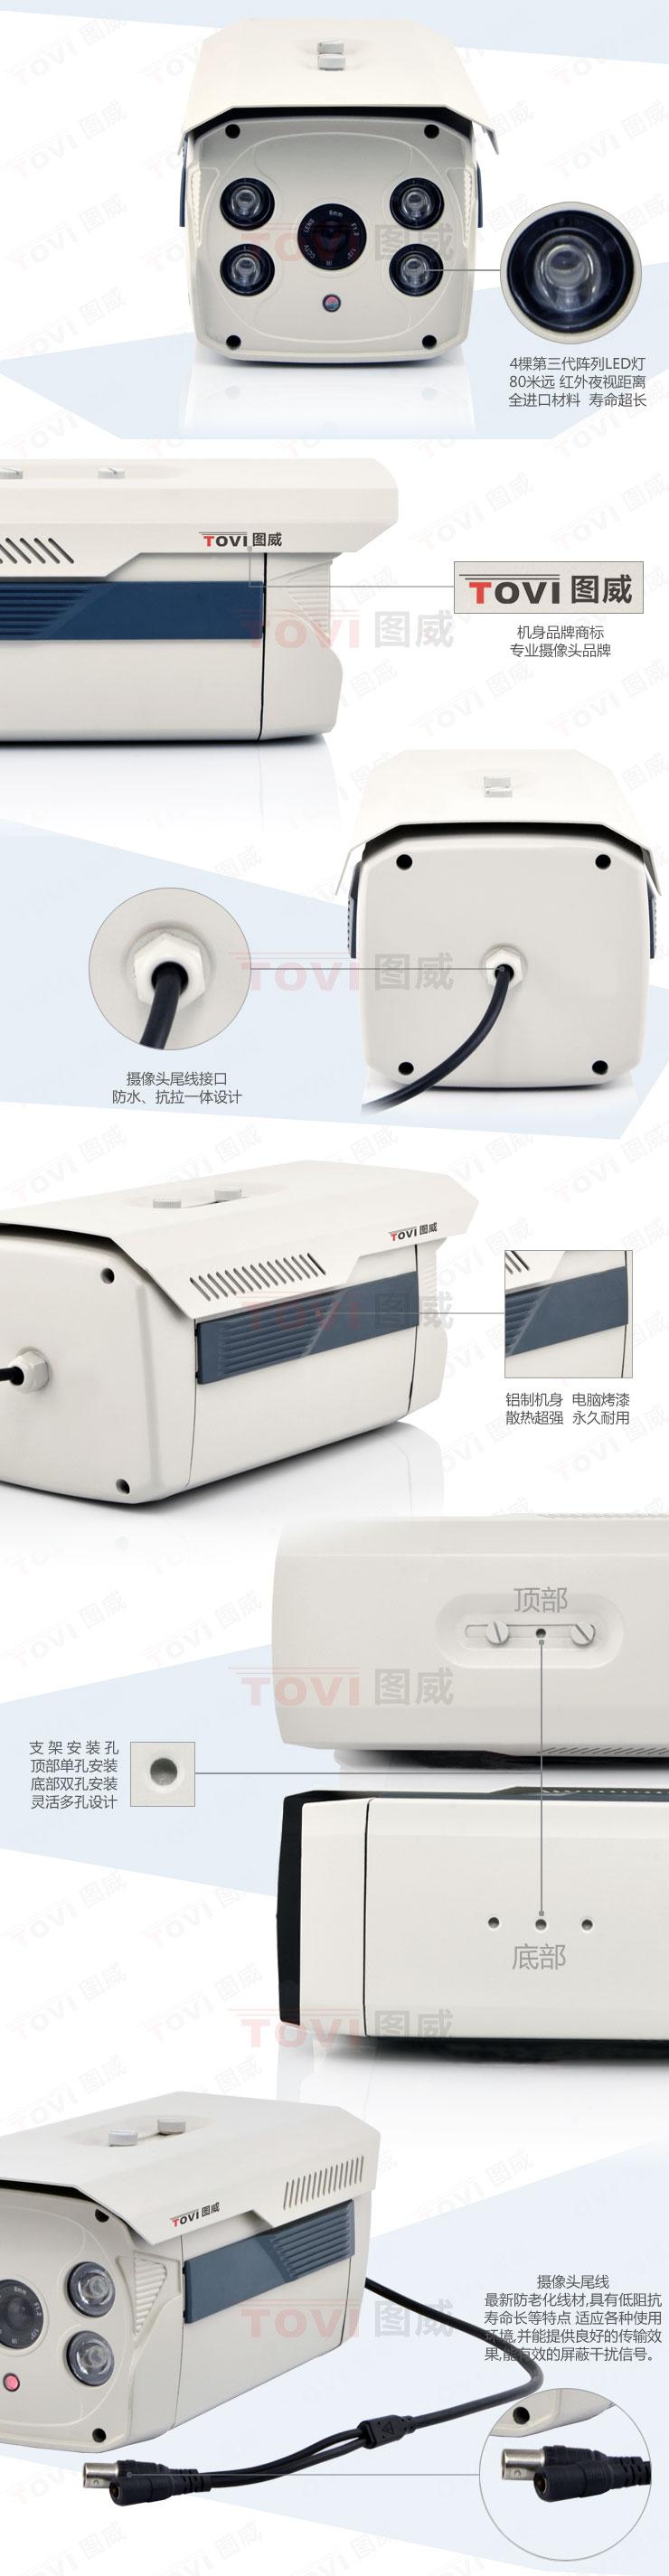 图威TV-CC2B15-IT8摄像机展示